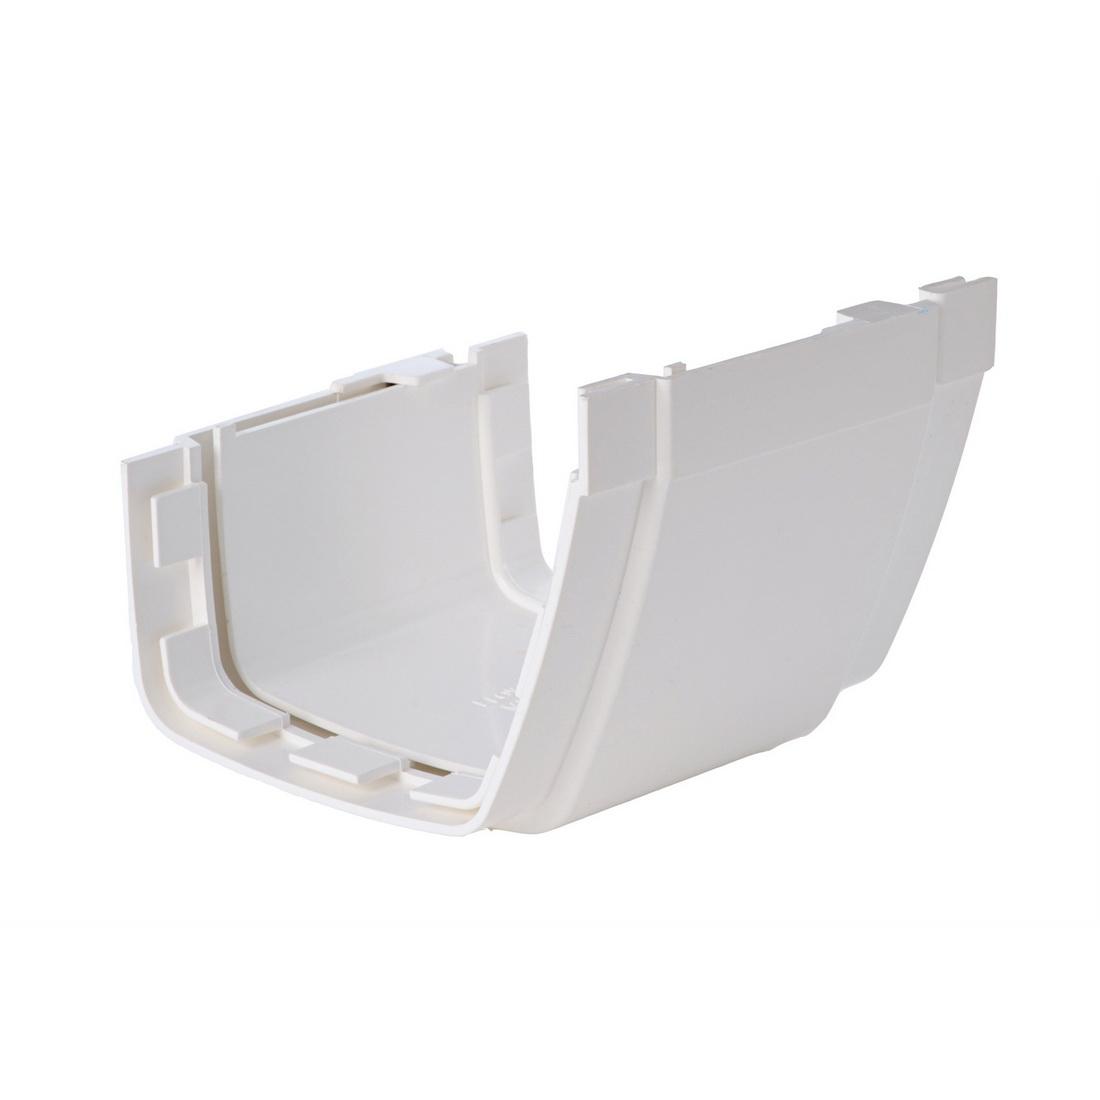 Marley FL2 Channel Shower Expansion Joiner 110 mm White FL17